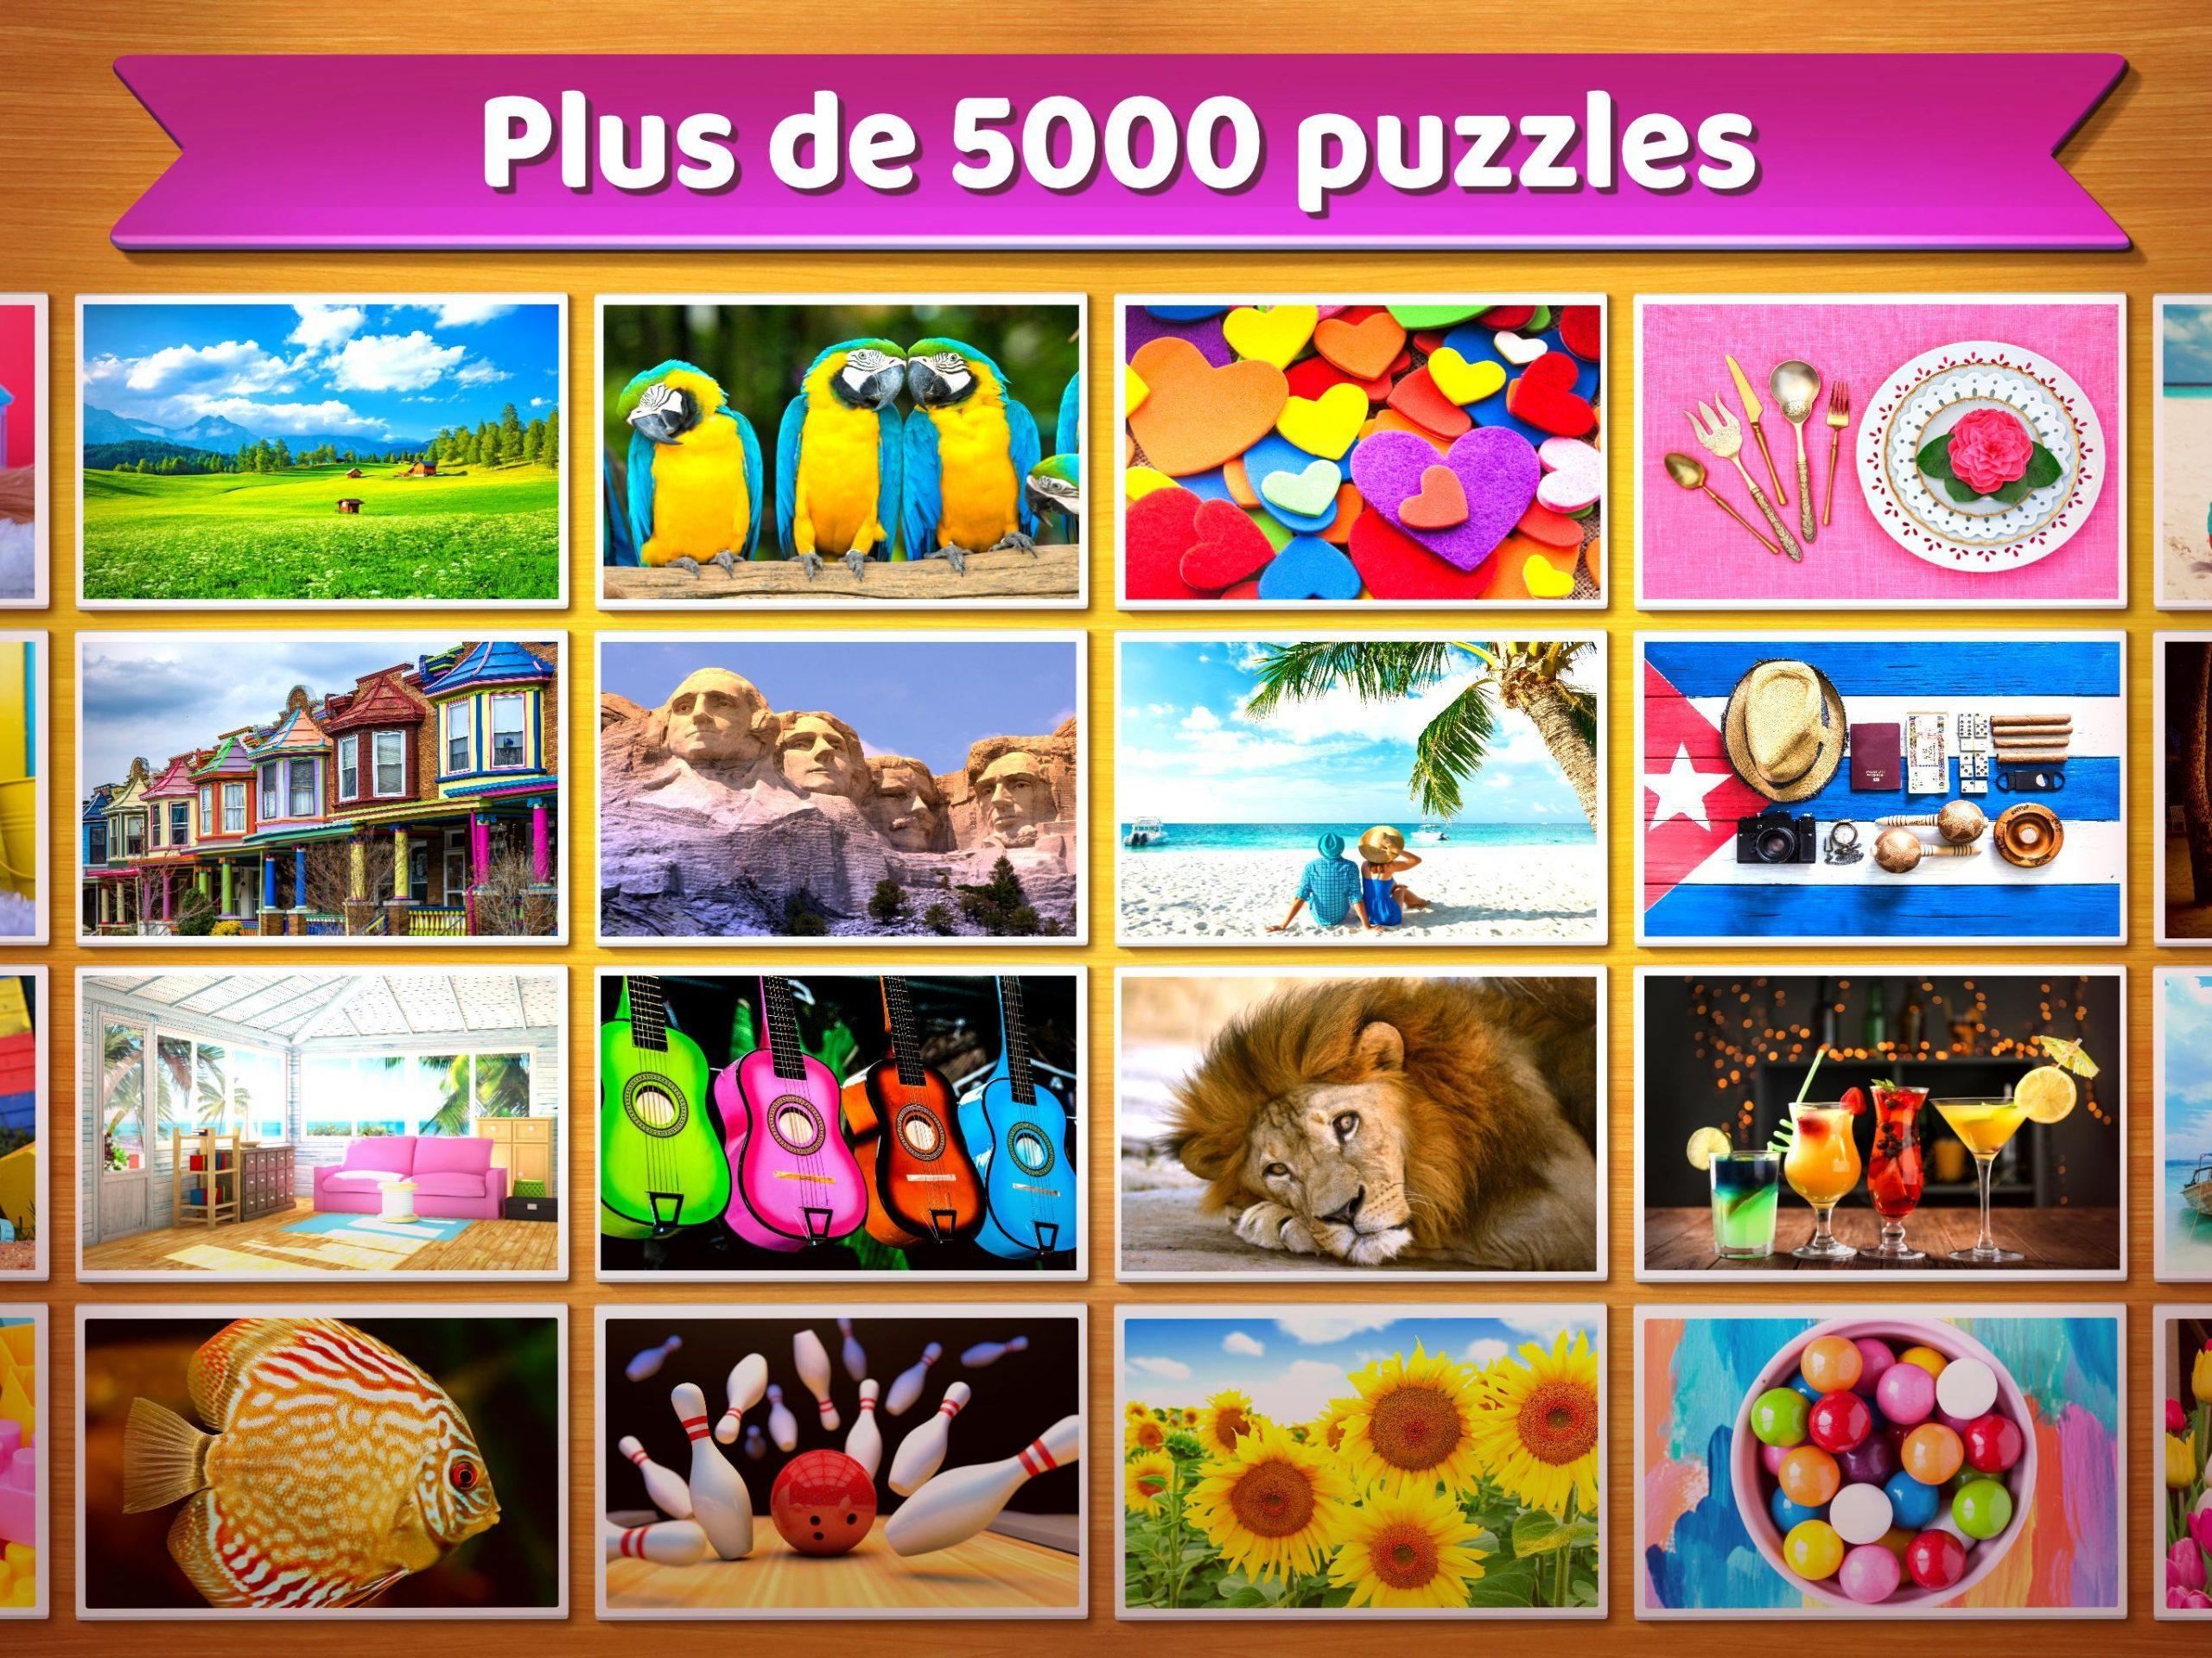 Puzzle 🧩 - Jeux De Puzzle Gratuit Pour Android tout Puzzles Adultes Gratuits